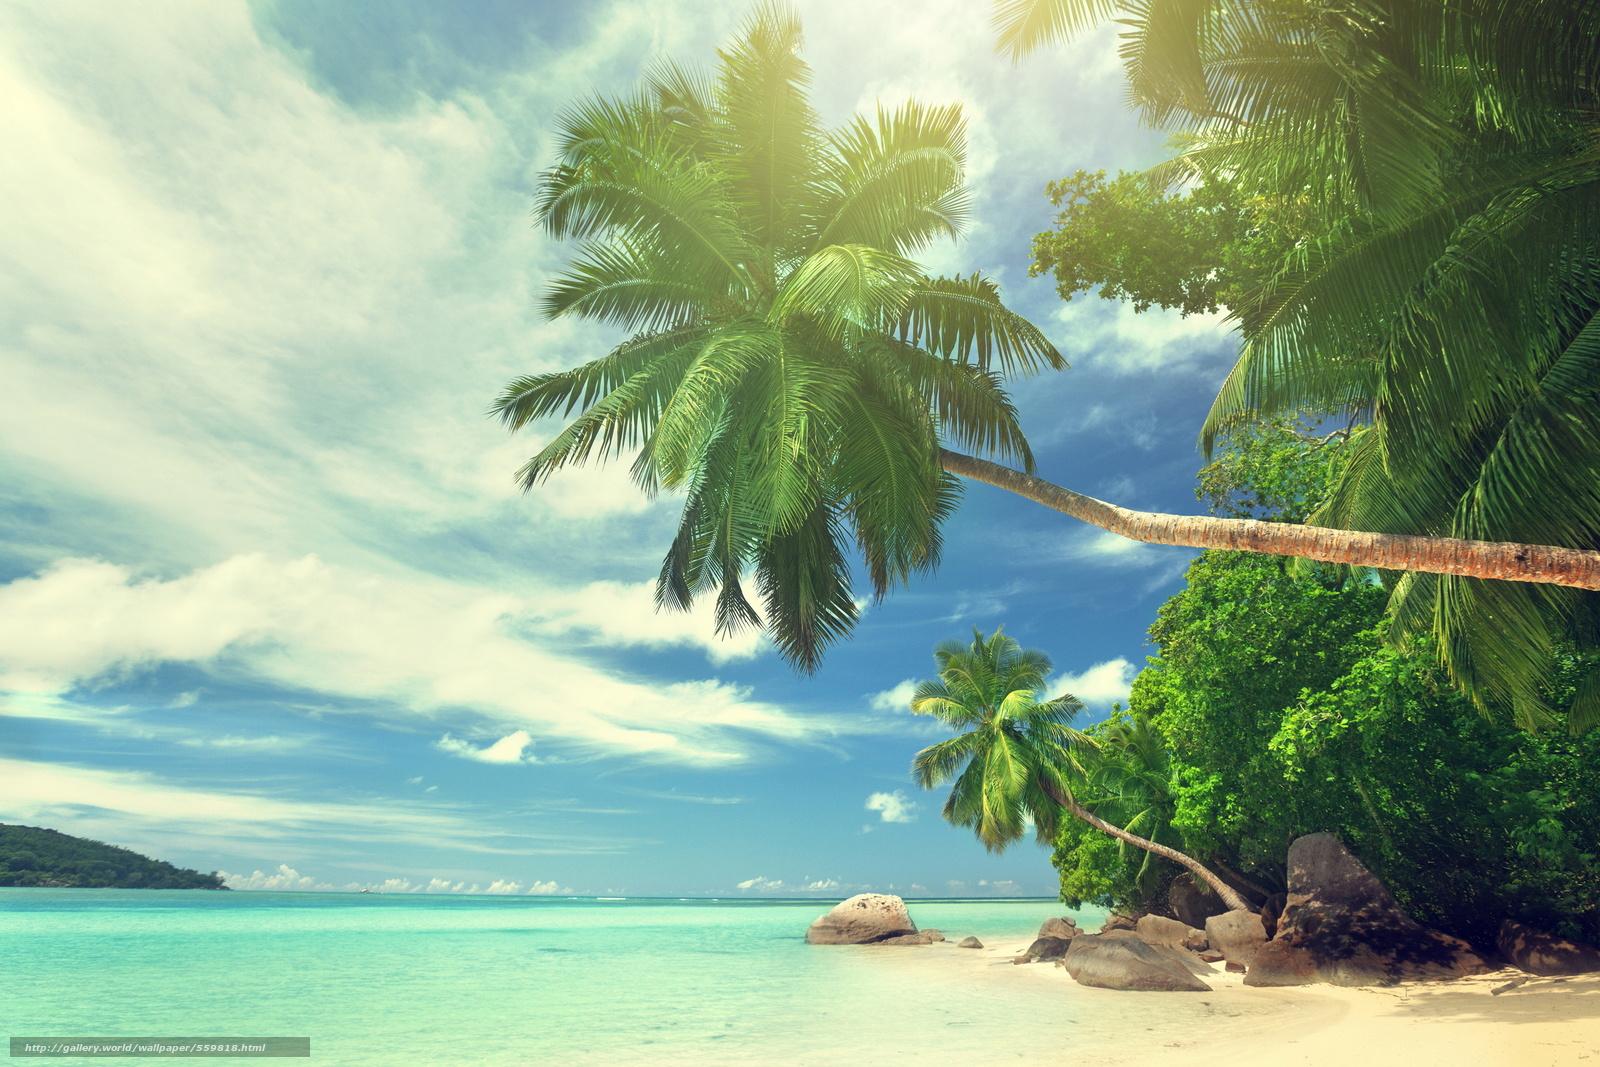 ocean landscapes beach paradise - photo #23